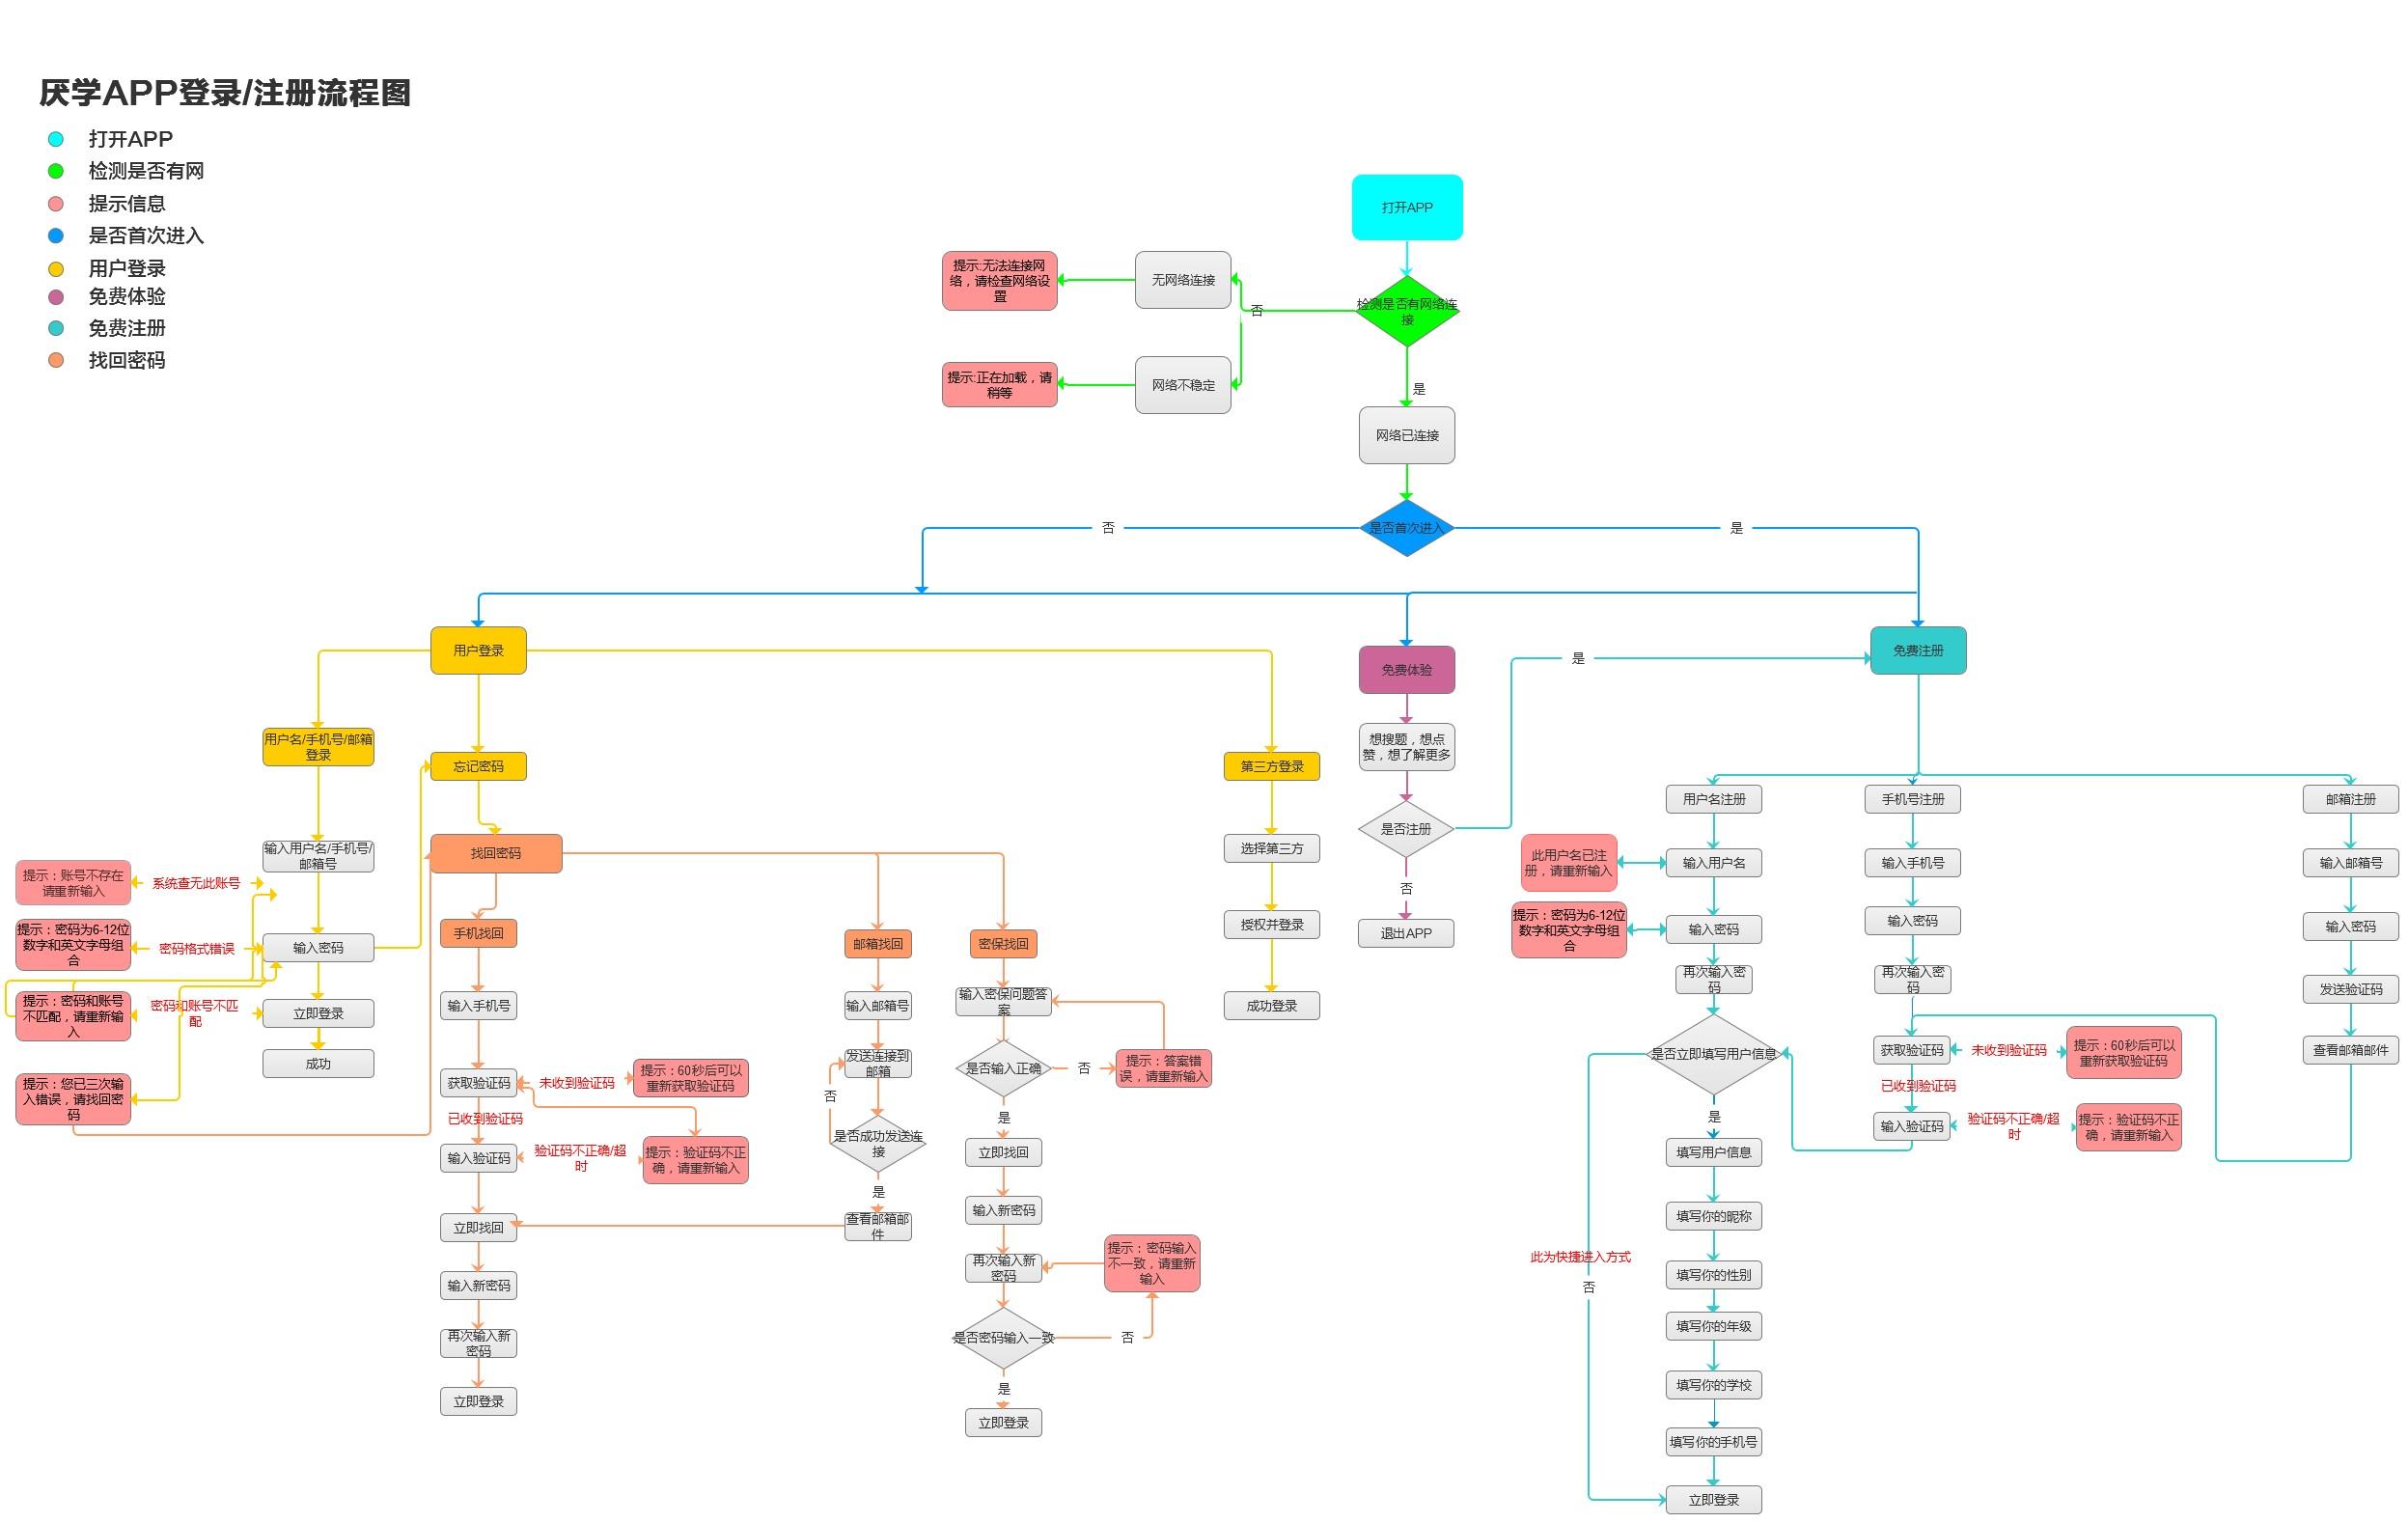 登录注册流程图图片